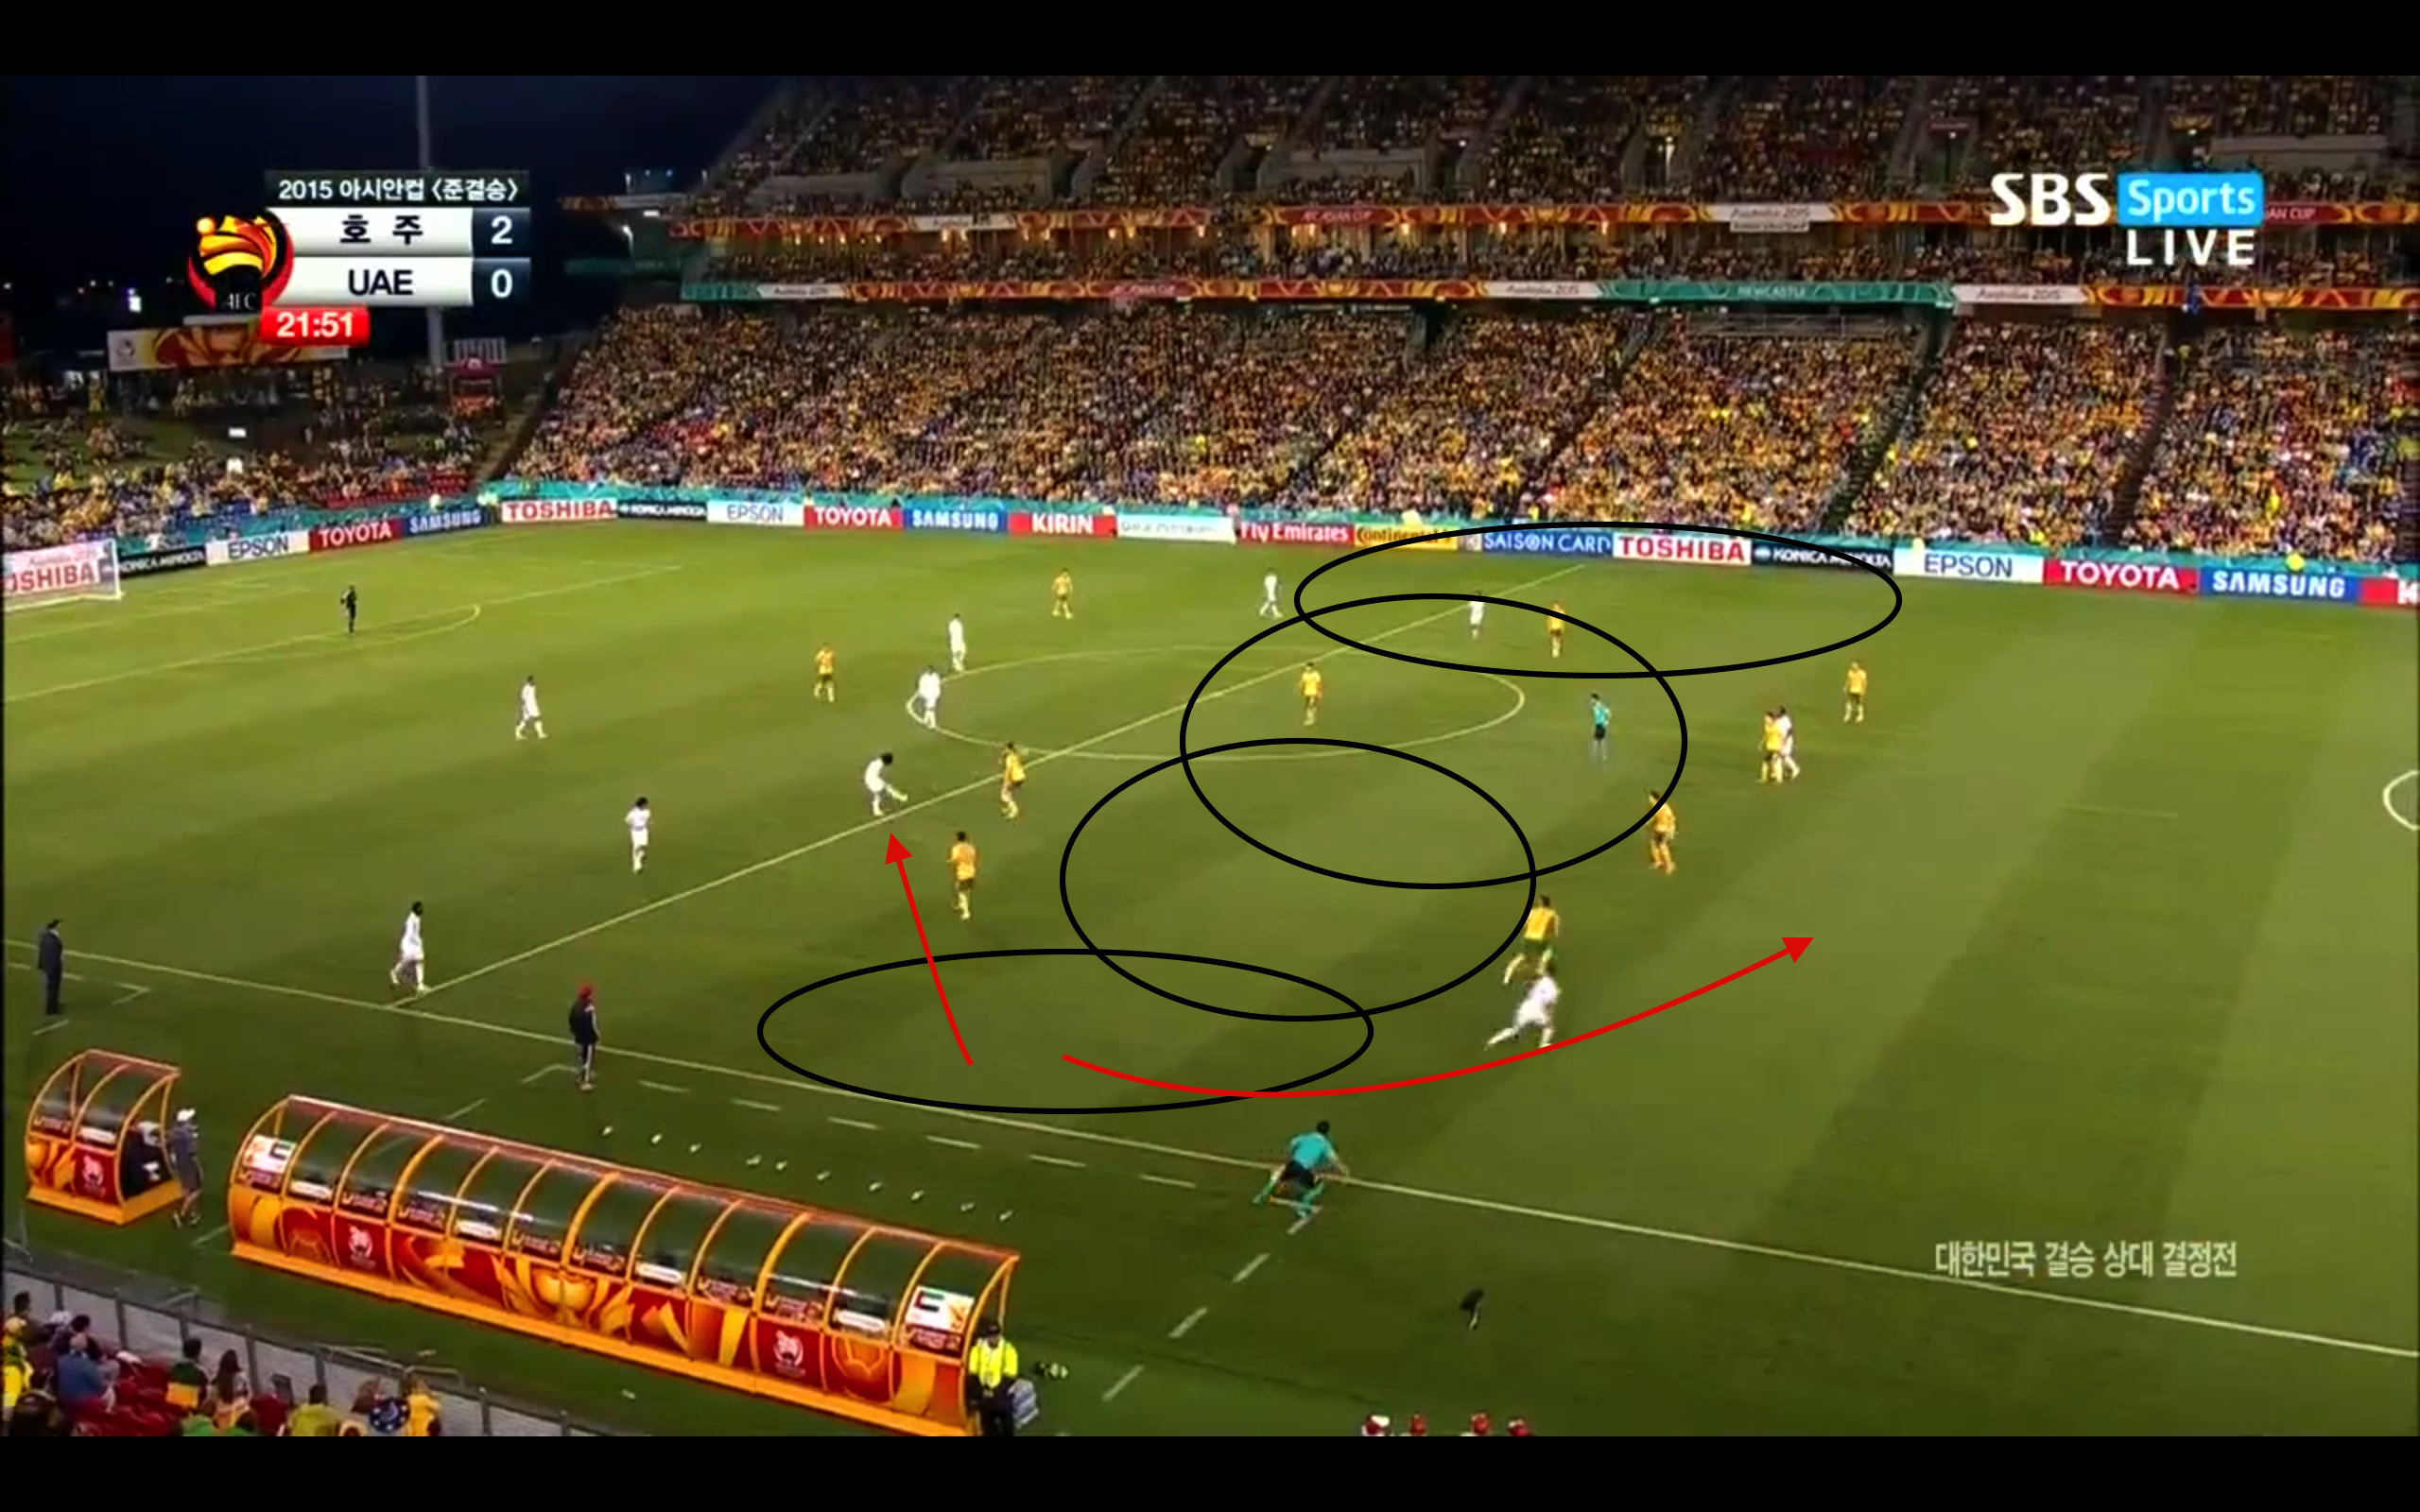 Abdulrahman läuft vom rechten Flügel ins Zentrum, fordert sofort den Ball. Er öffnet den rechten Flügel in den sich nun Mabkhout (7) bewegt, welcher dann direkt hinter die Kette startet. Die Staffelung ist nun zwar nicht besonders gut, die Raumnutzung ist sehr defensiv und eigentlich ist die Angriffsentwicklung nicht wirklich vielversprechend. Allerdings spielt Adulrahman nun einen Pass mit viel Schnitt hinter die Kette auf Mabkhout, welcher nur leicht im Abseits steht. Ein sehr simpler Spielzug, der in ähnlicher Form des Öfteren genutzt wird.